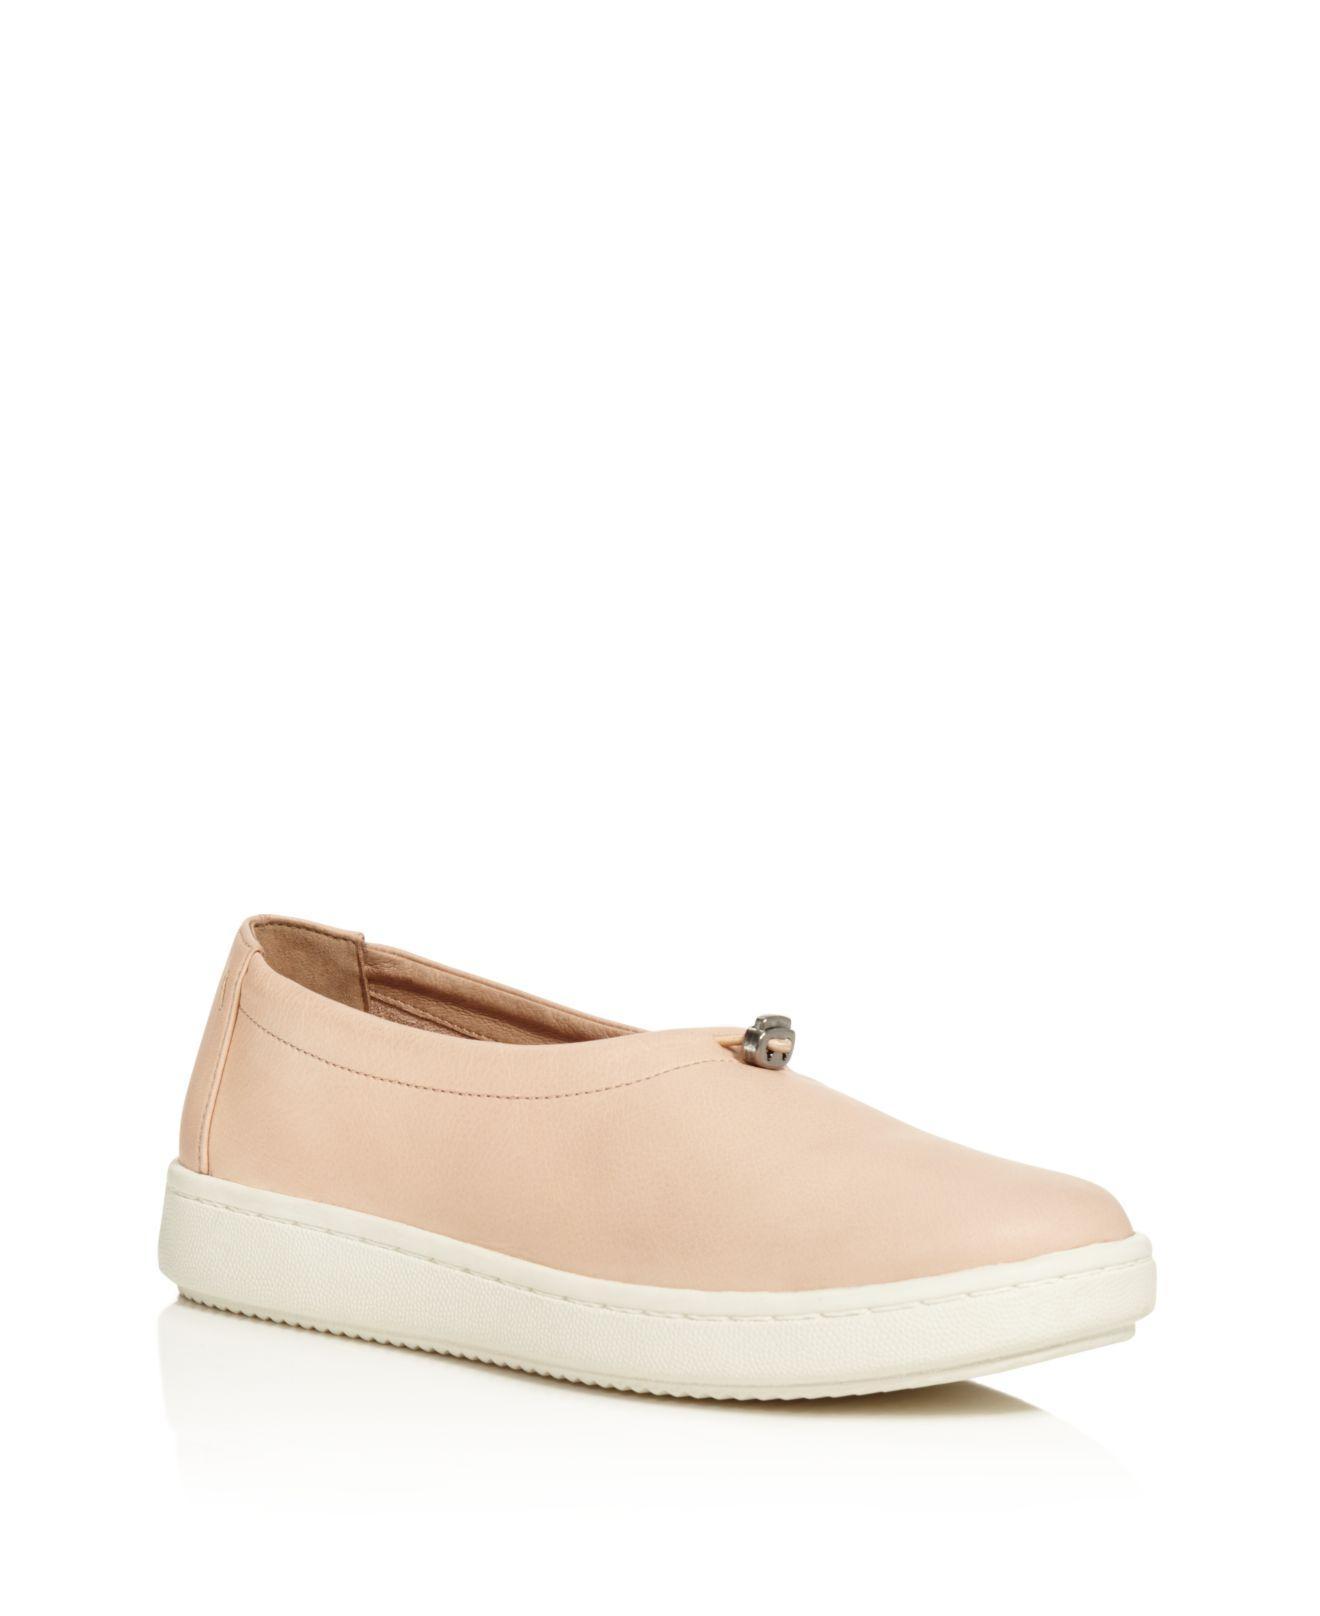 Bloomingdales Shoes Women